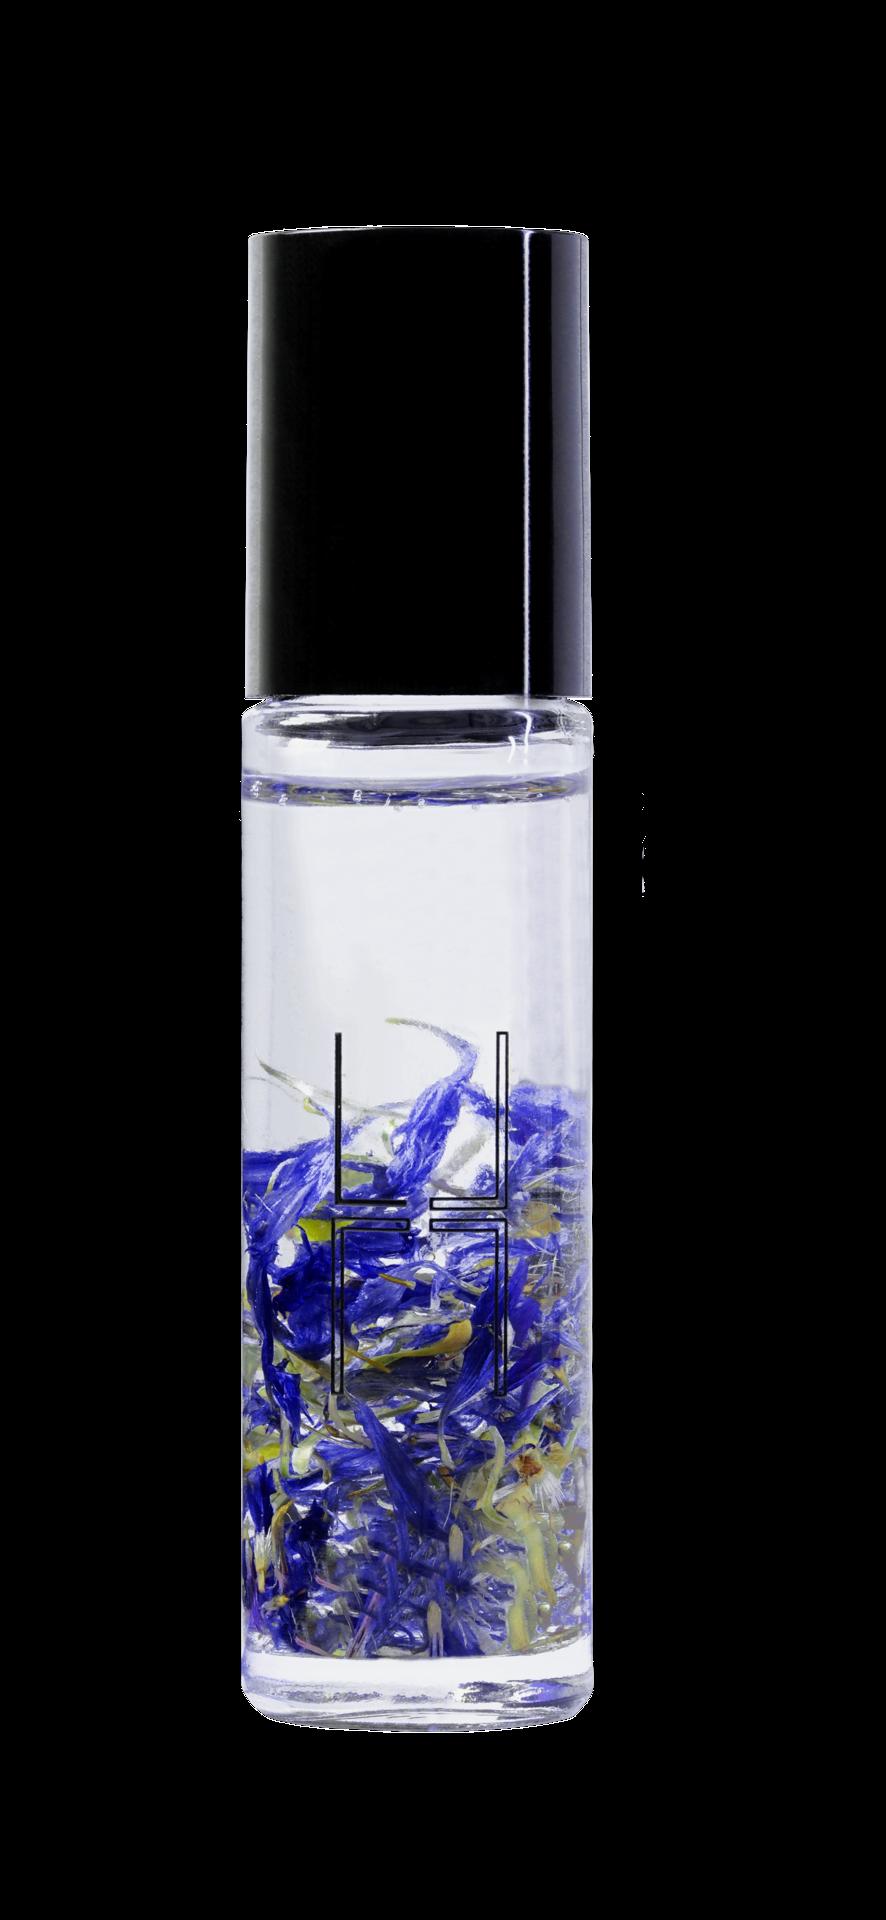 Linda Hallberg Cosmetics Blossom Oil